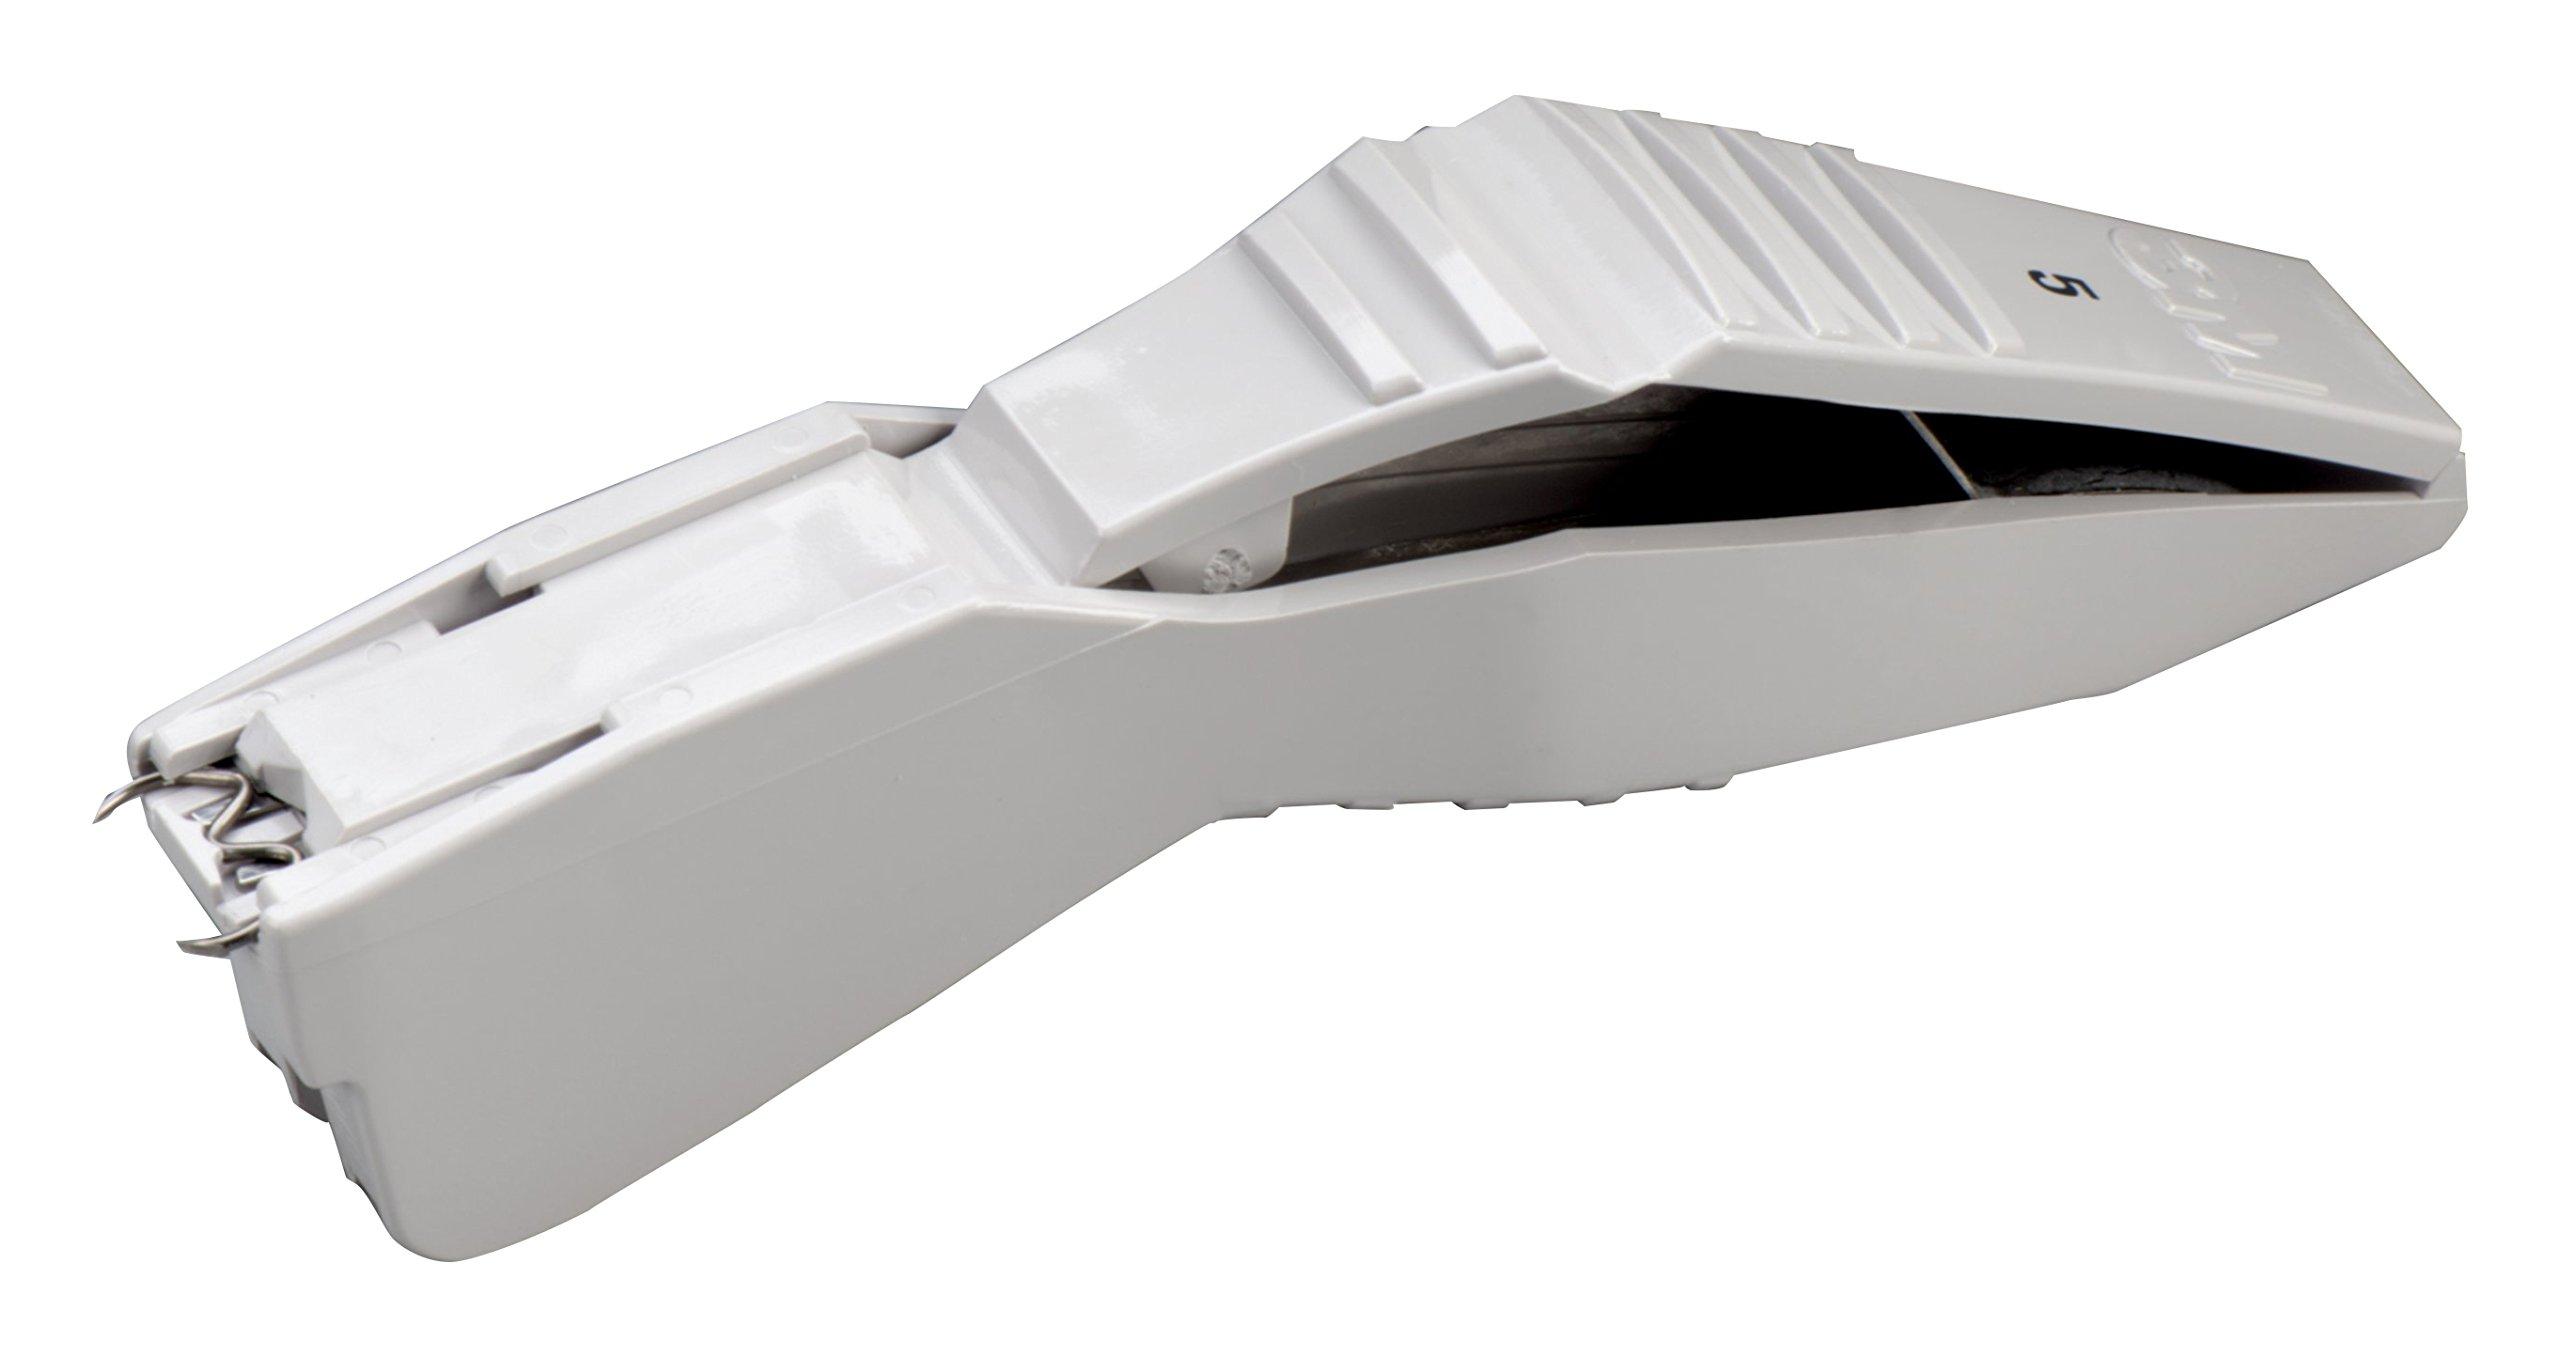 3M DS-5 Precise Multi-Shot DS Disposable Skin Stapler (Pack of 12)